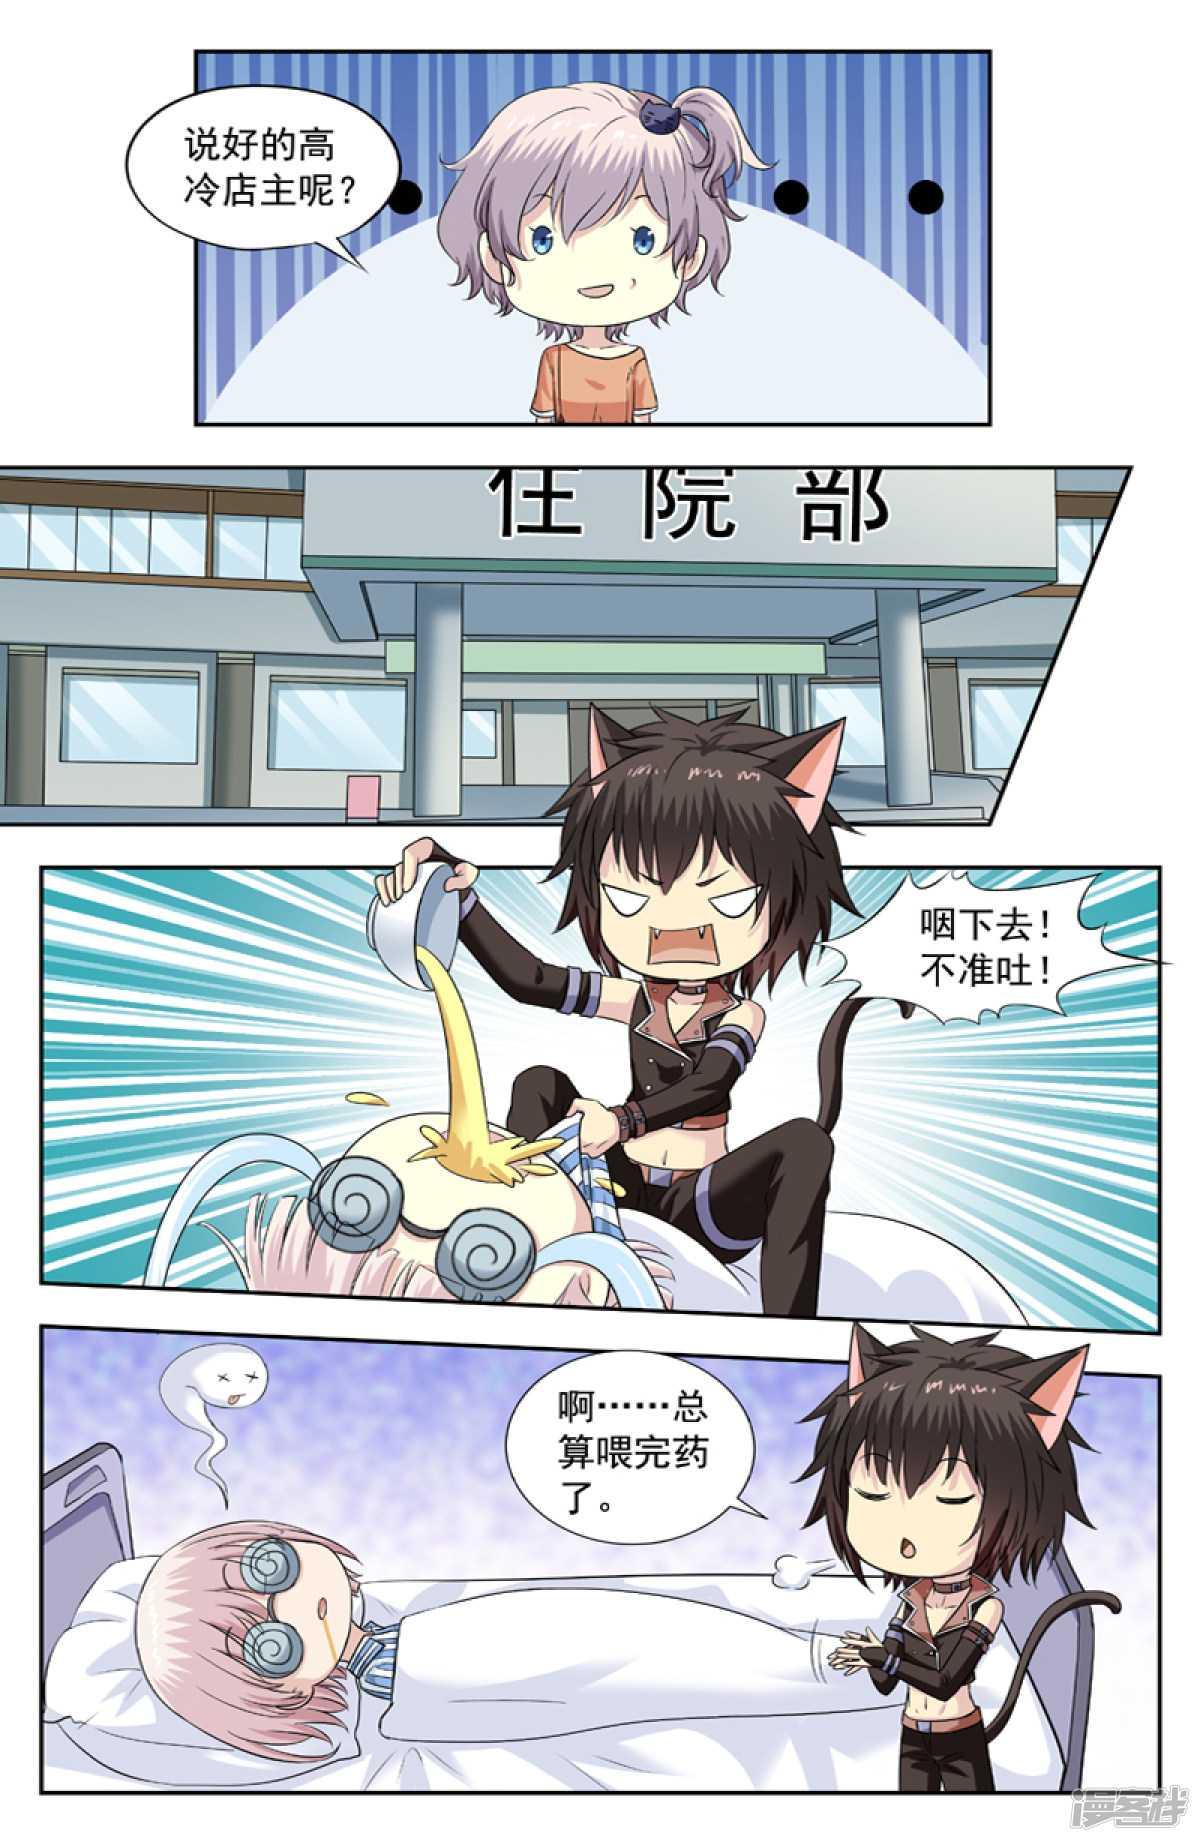 【漫画更新】变身诅咒218~219话